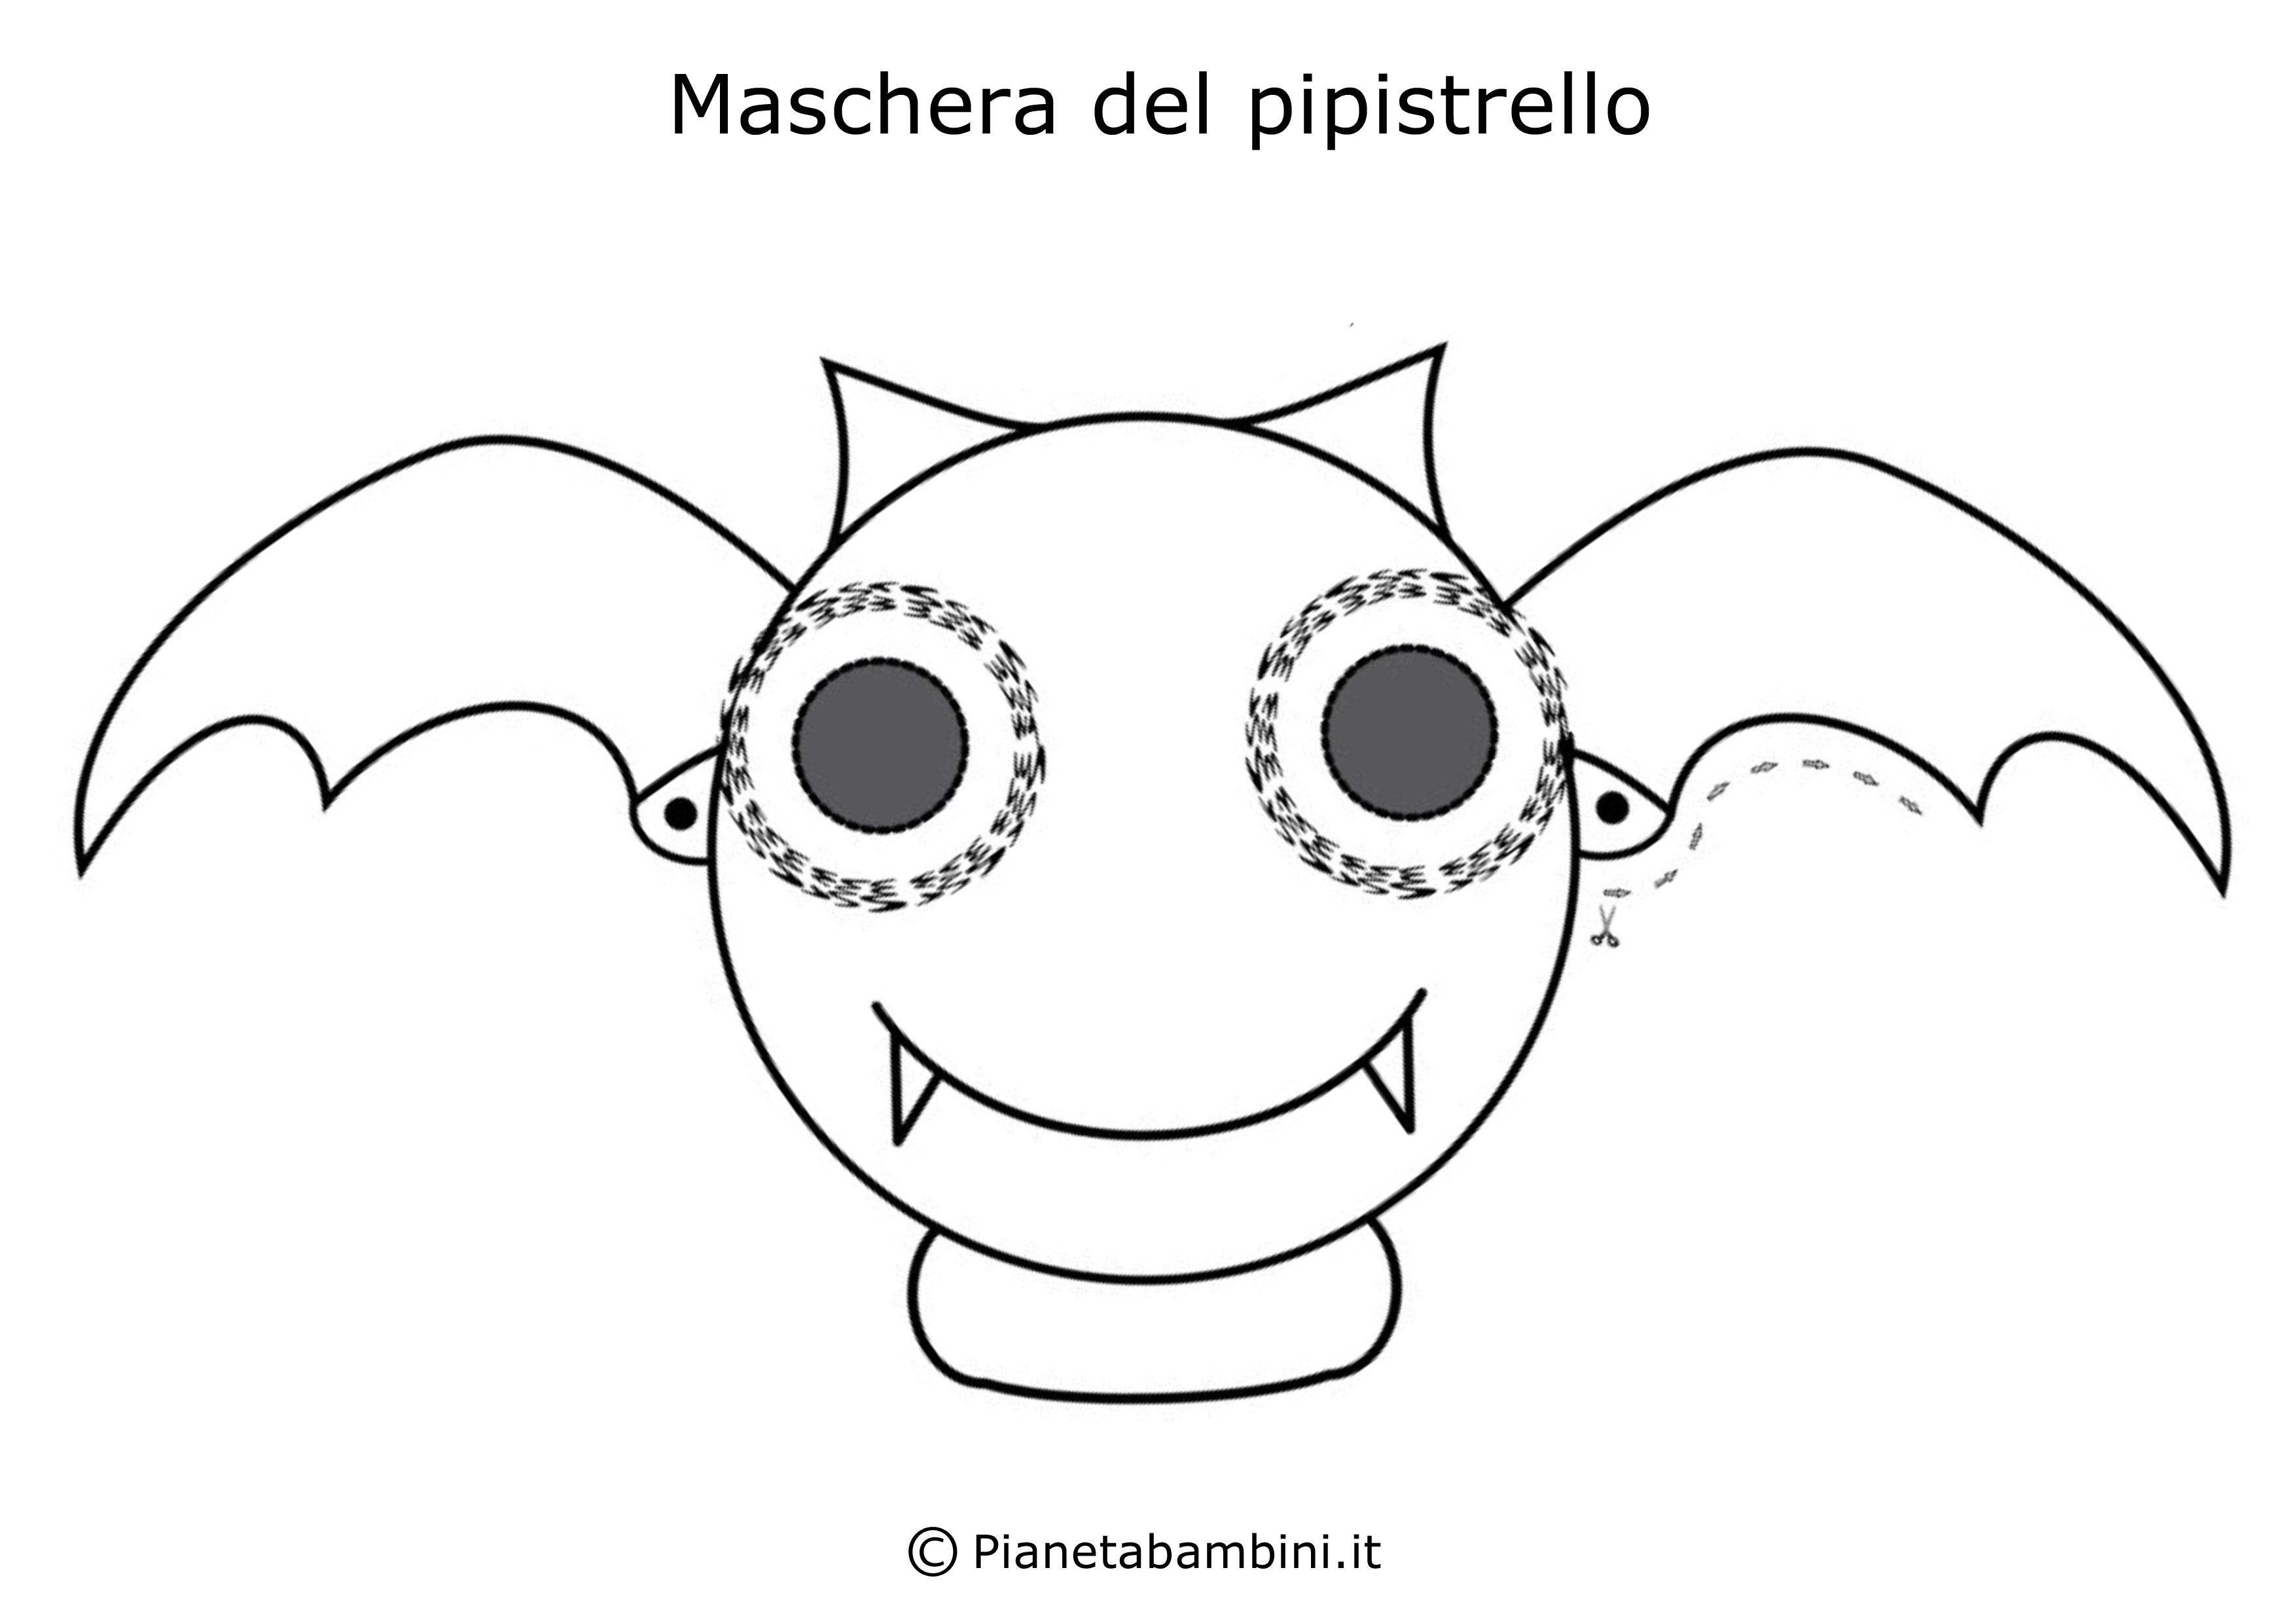 Maschera-Colorare-Pipistrello